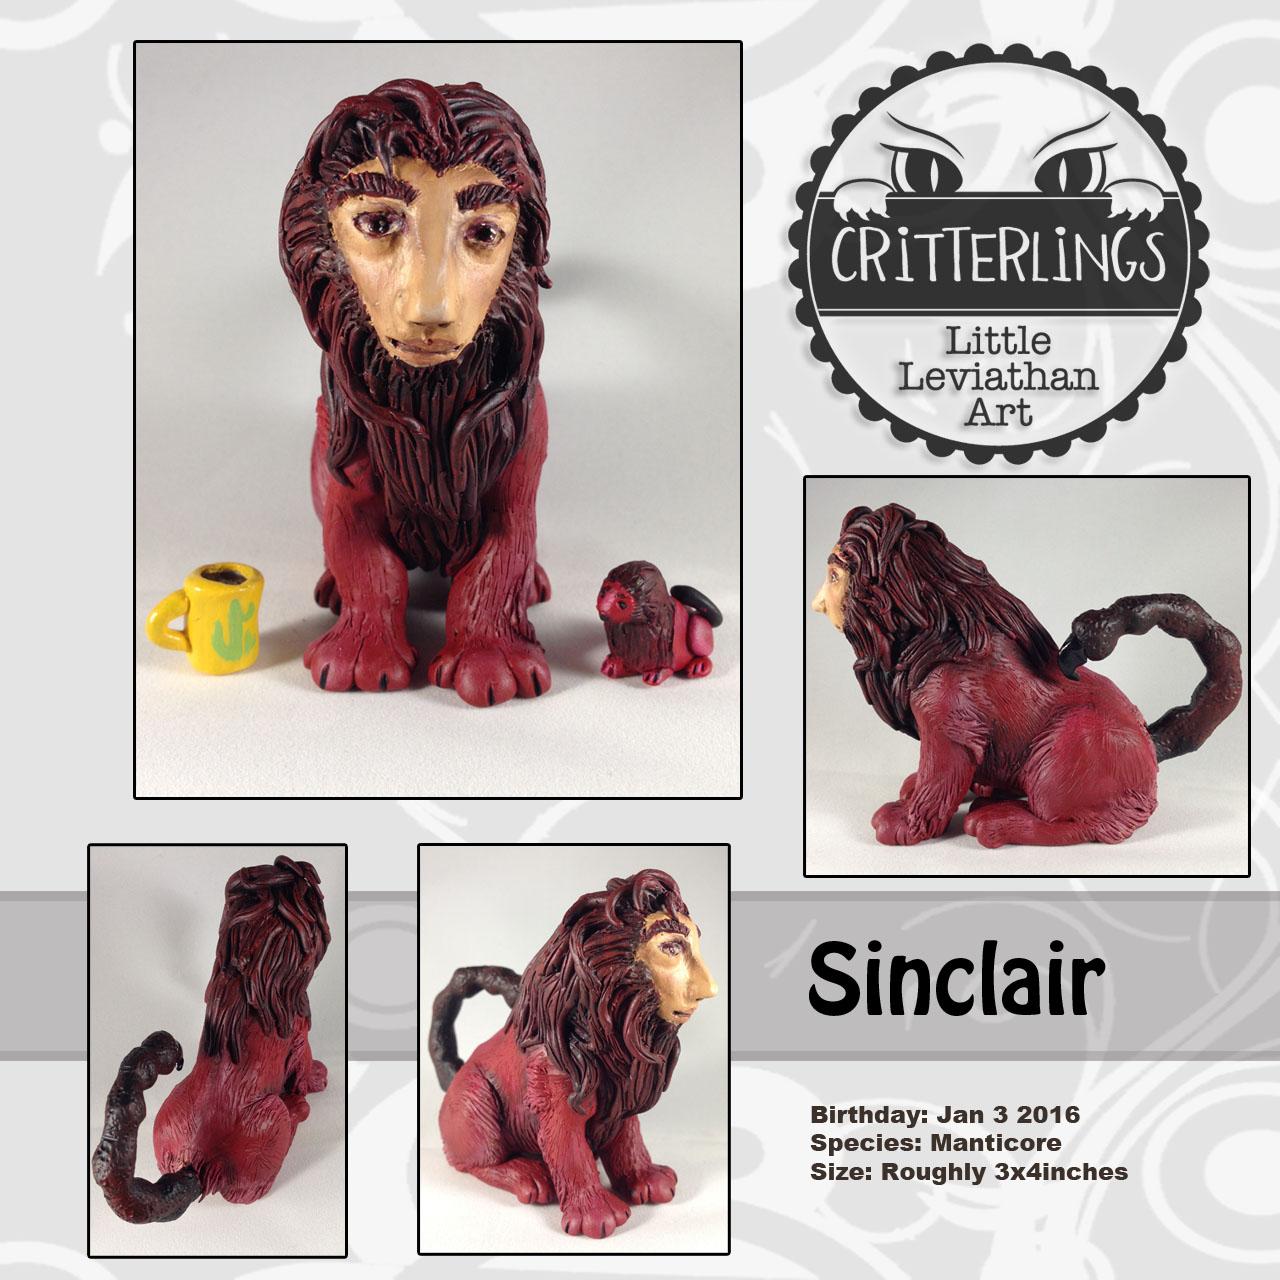 Sinclair01